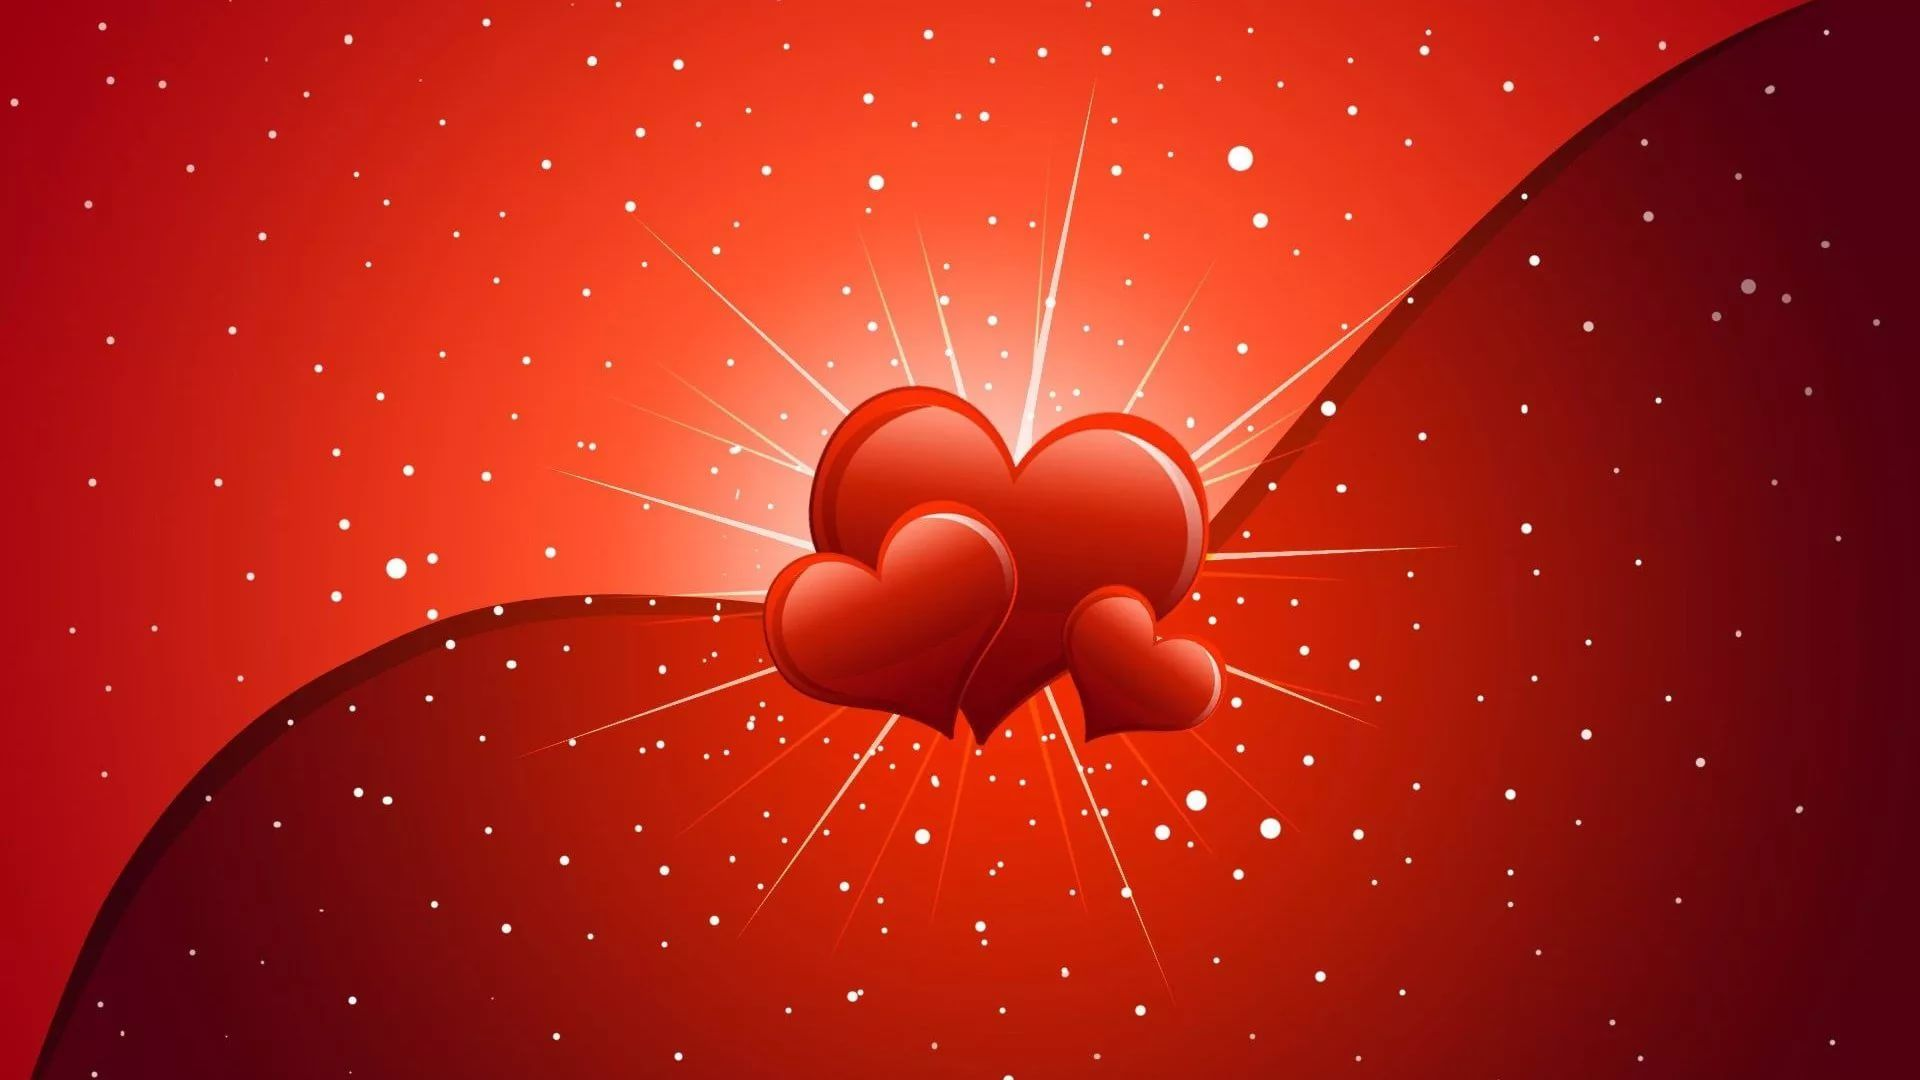 Valentine Screensaver High Quality